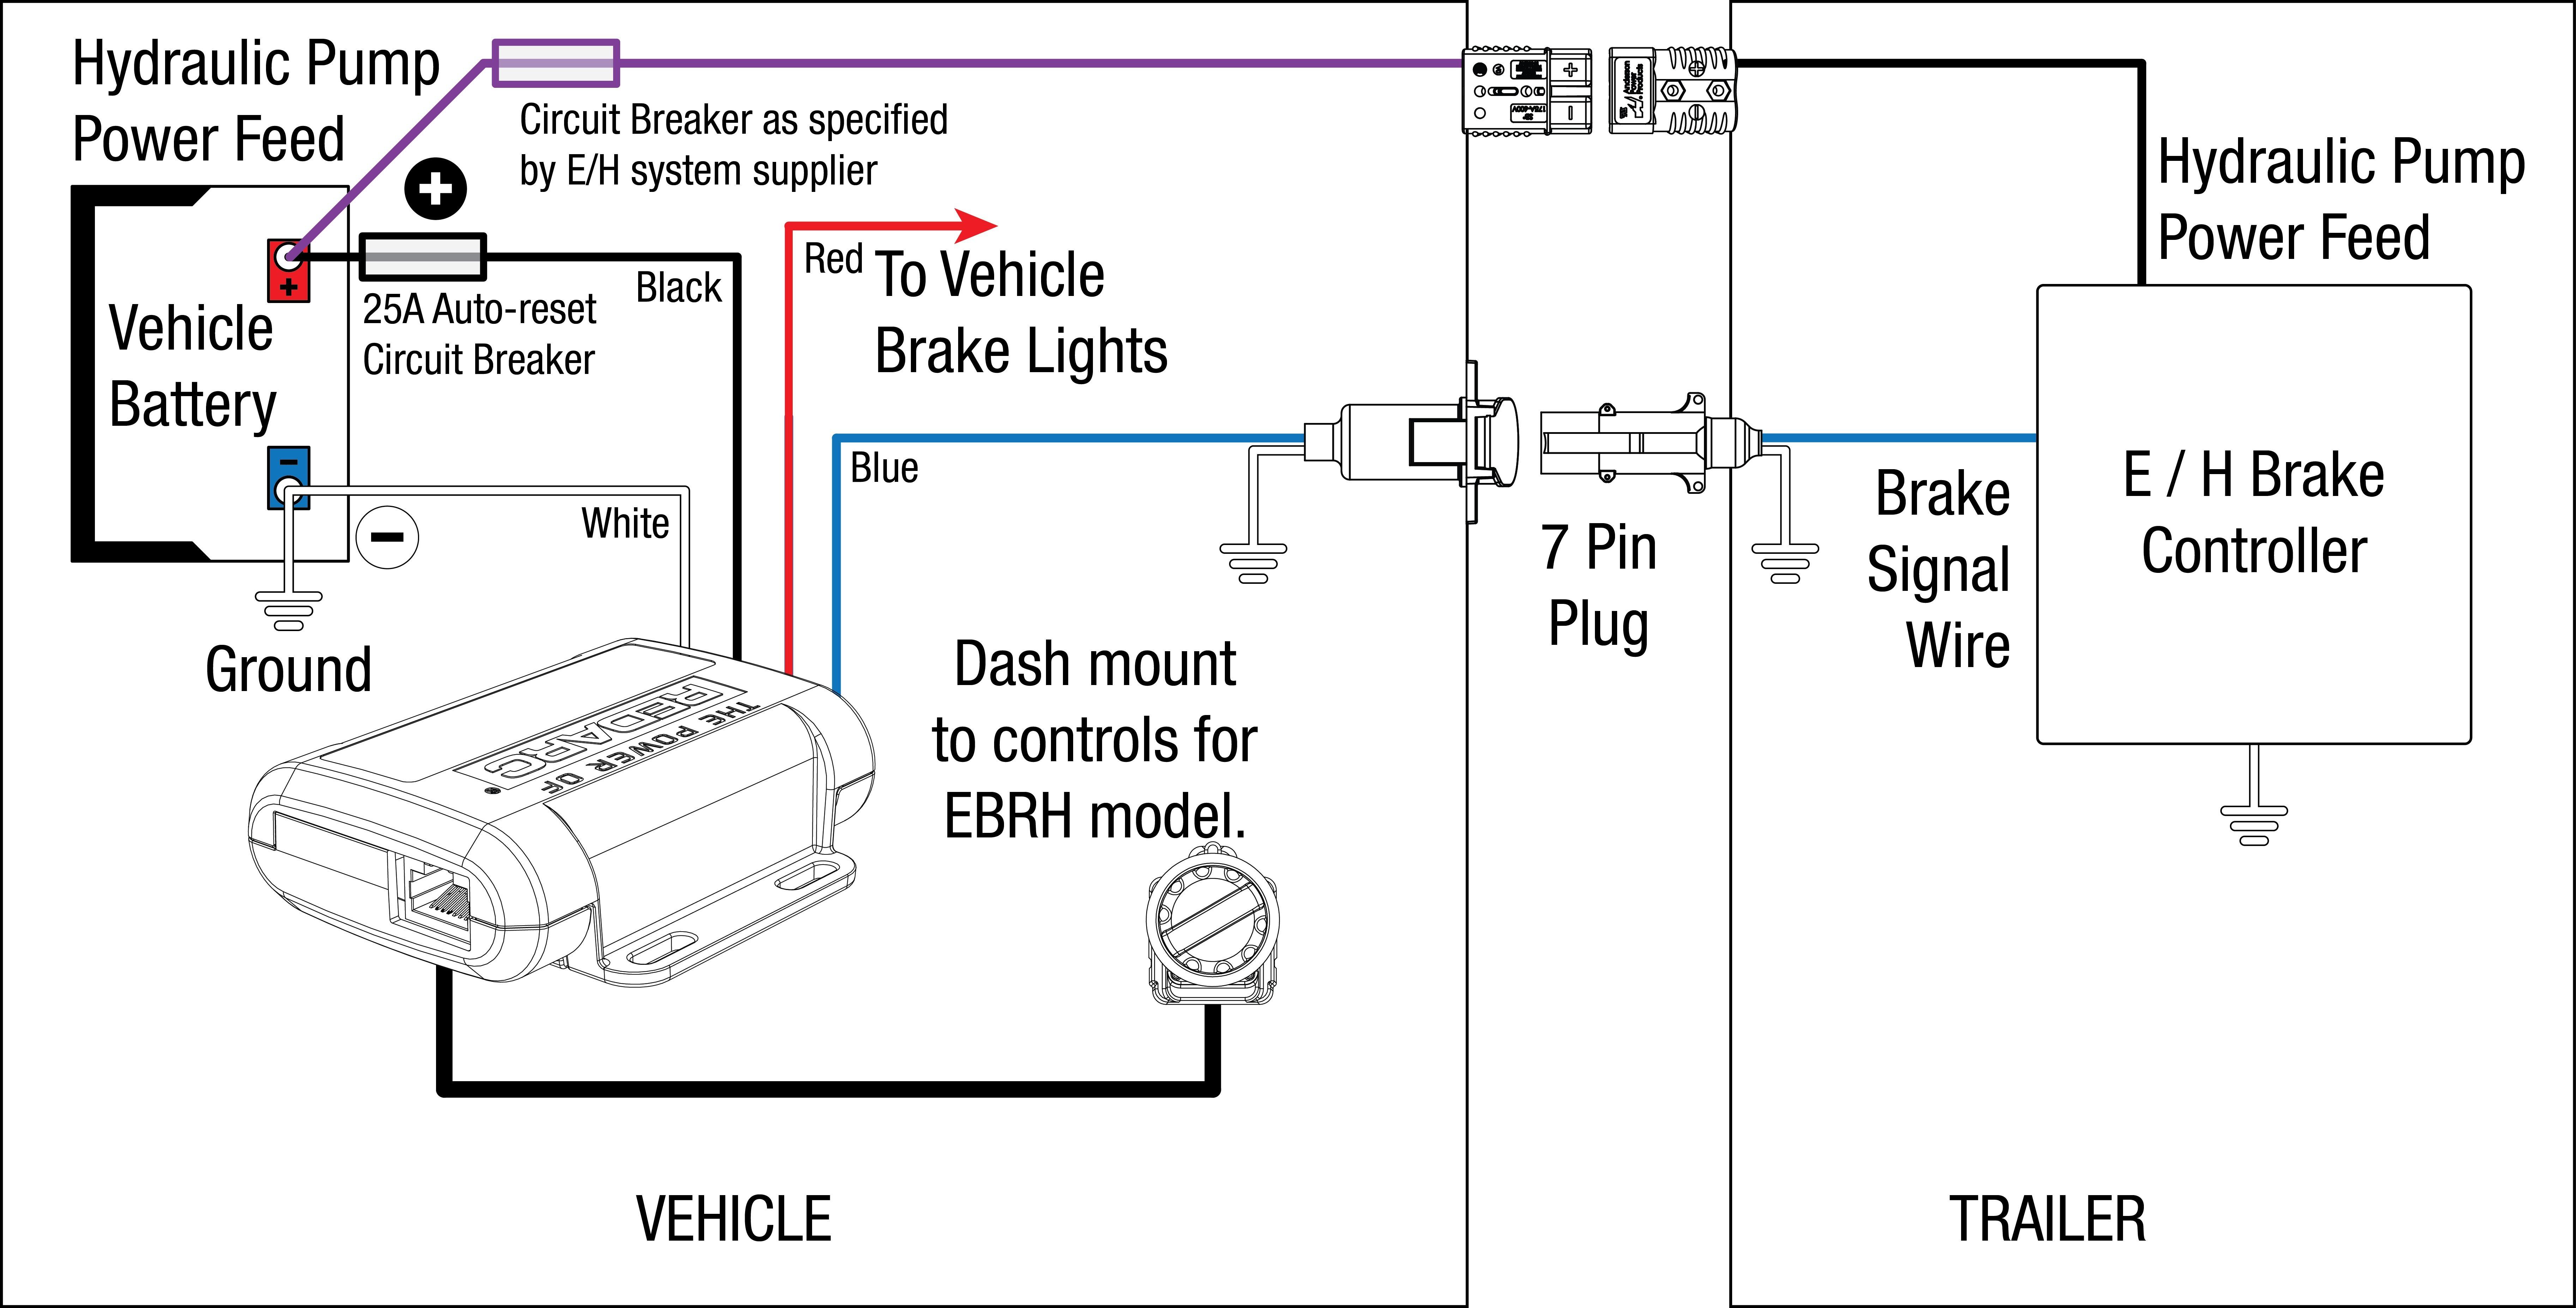 Draw Tite Brake Controller Wiring Diagram Tekonsha Voyager Wiring Diagram Wiring Diagrams Of Draw Tite Brake Controller Wiring Diagram